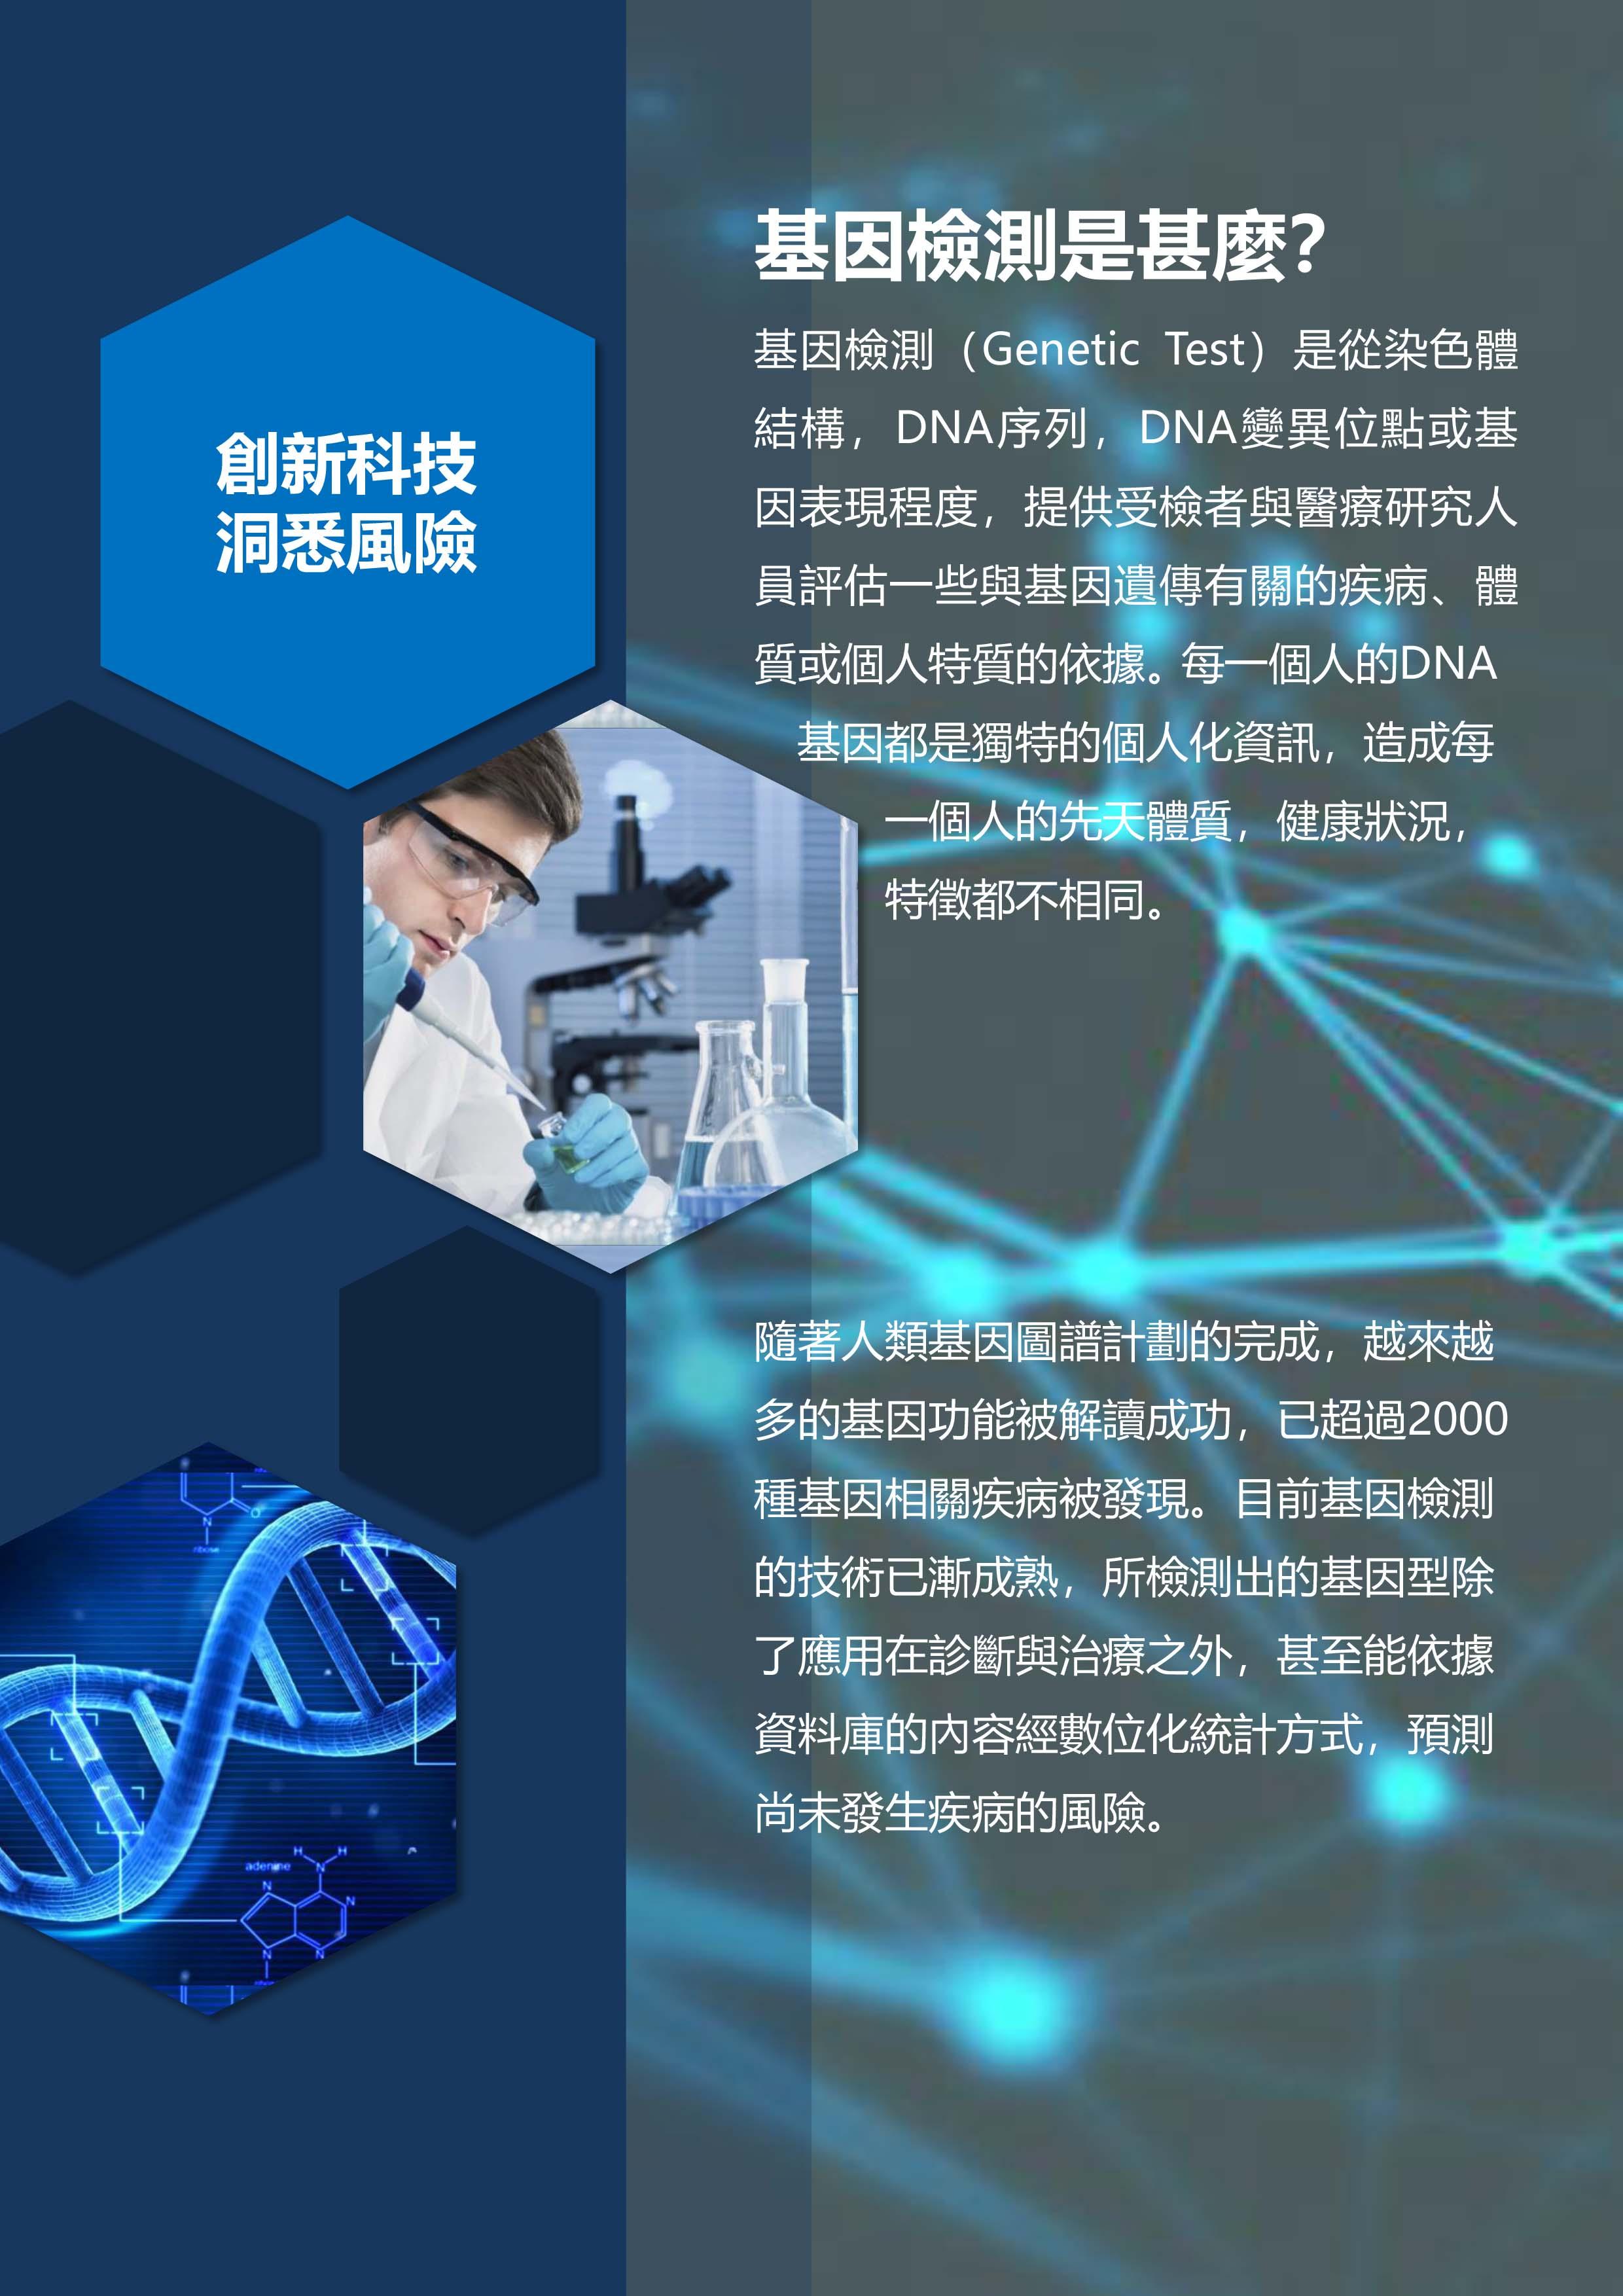 before-prenancy-genetic-disease-dna-test-2.jpg